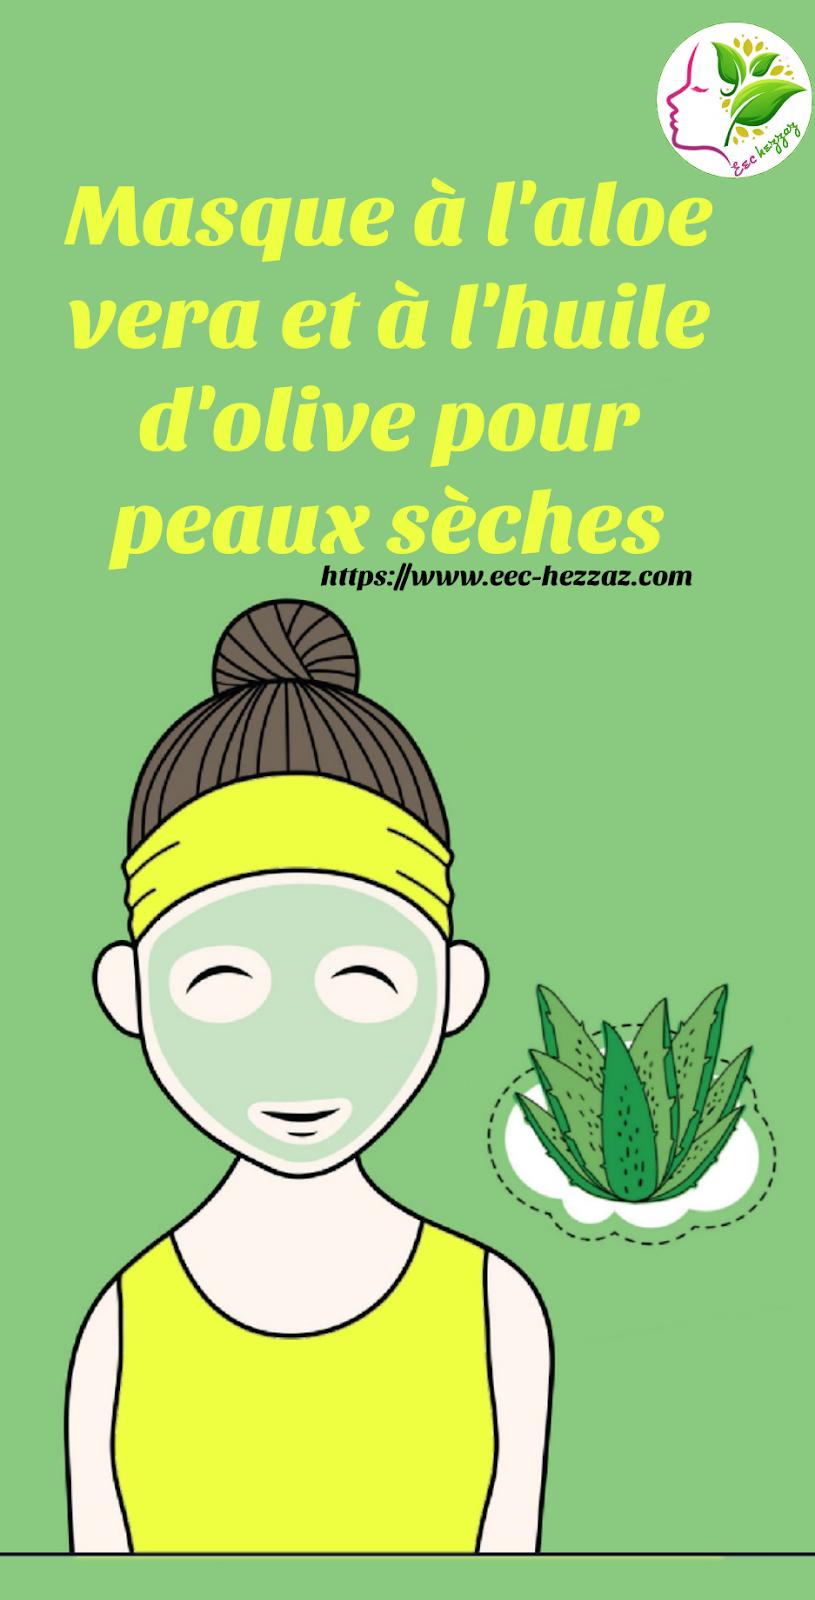 Masque à l'aloe vera et à l'huile d'olive pour peaux sèches